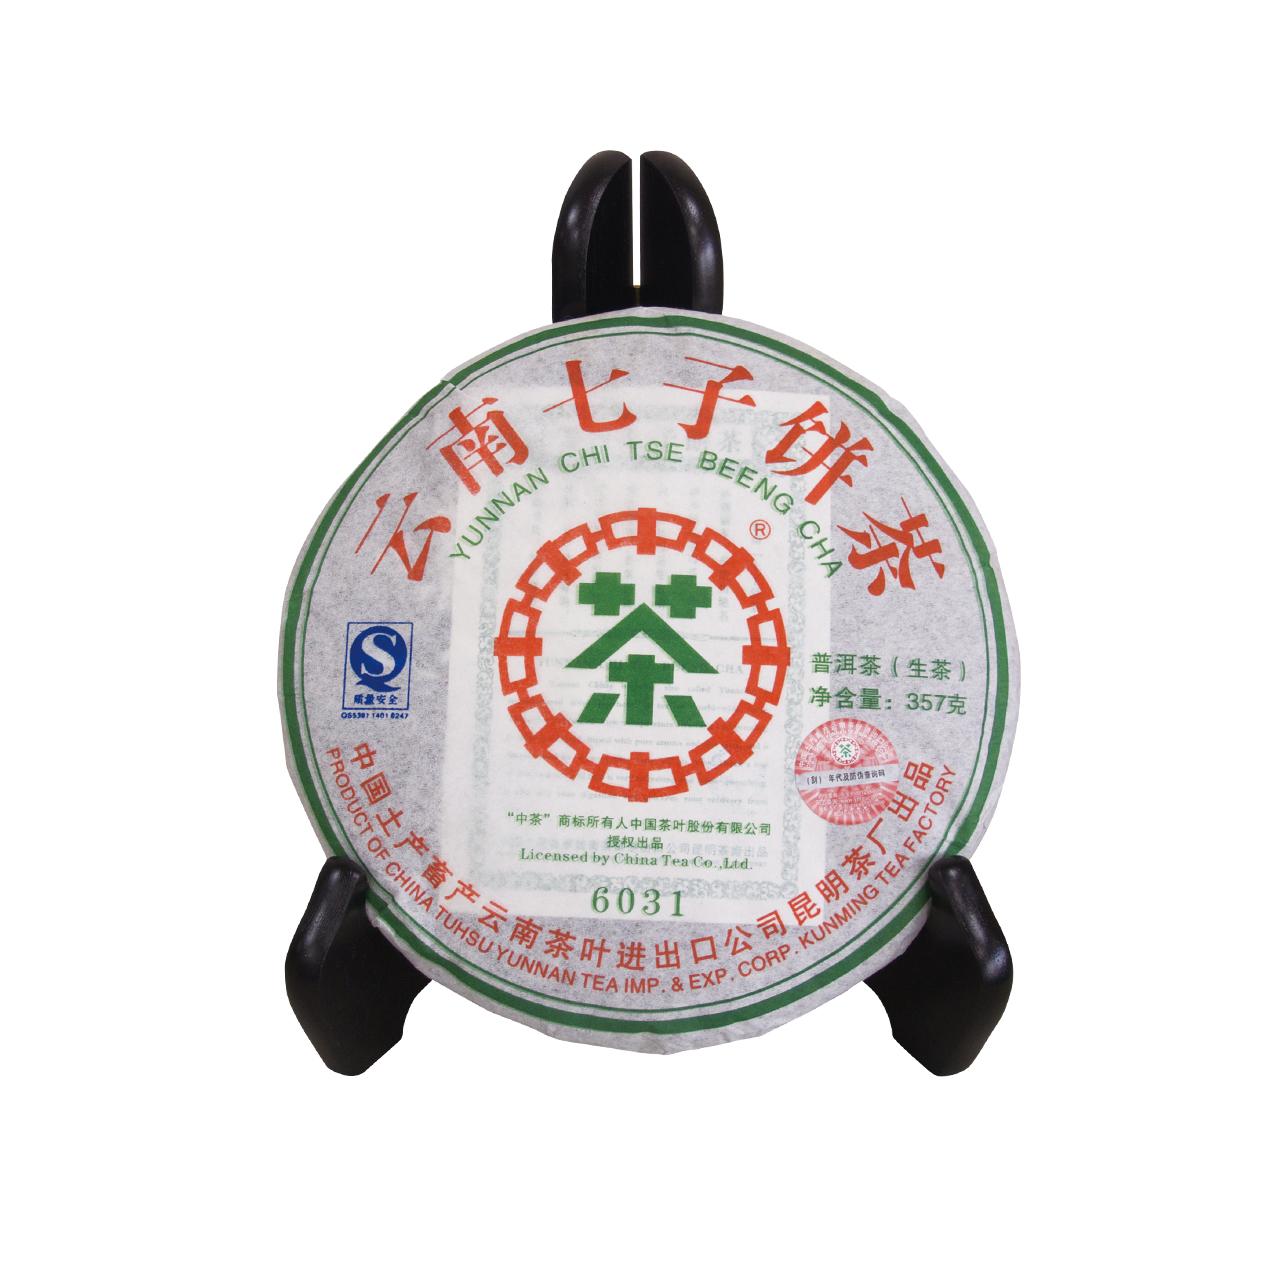 雲南七子餅茶(6031)(生茶)